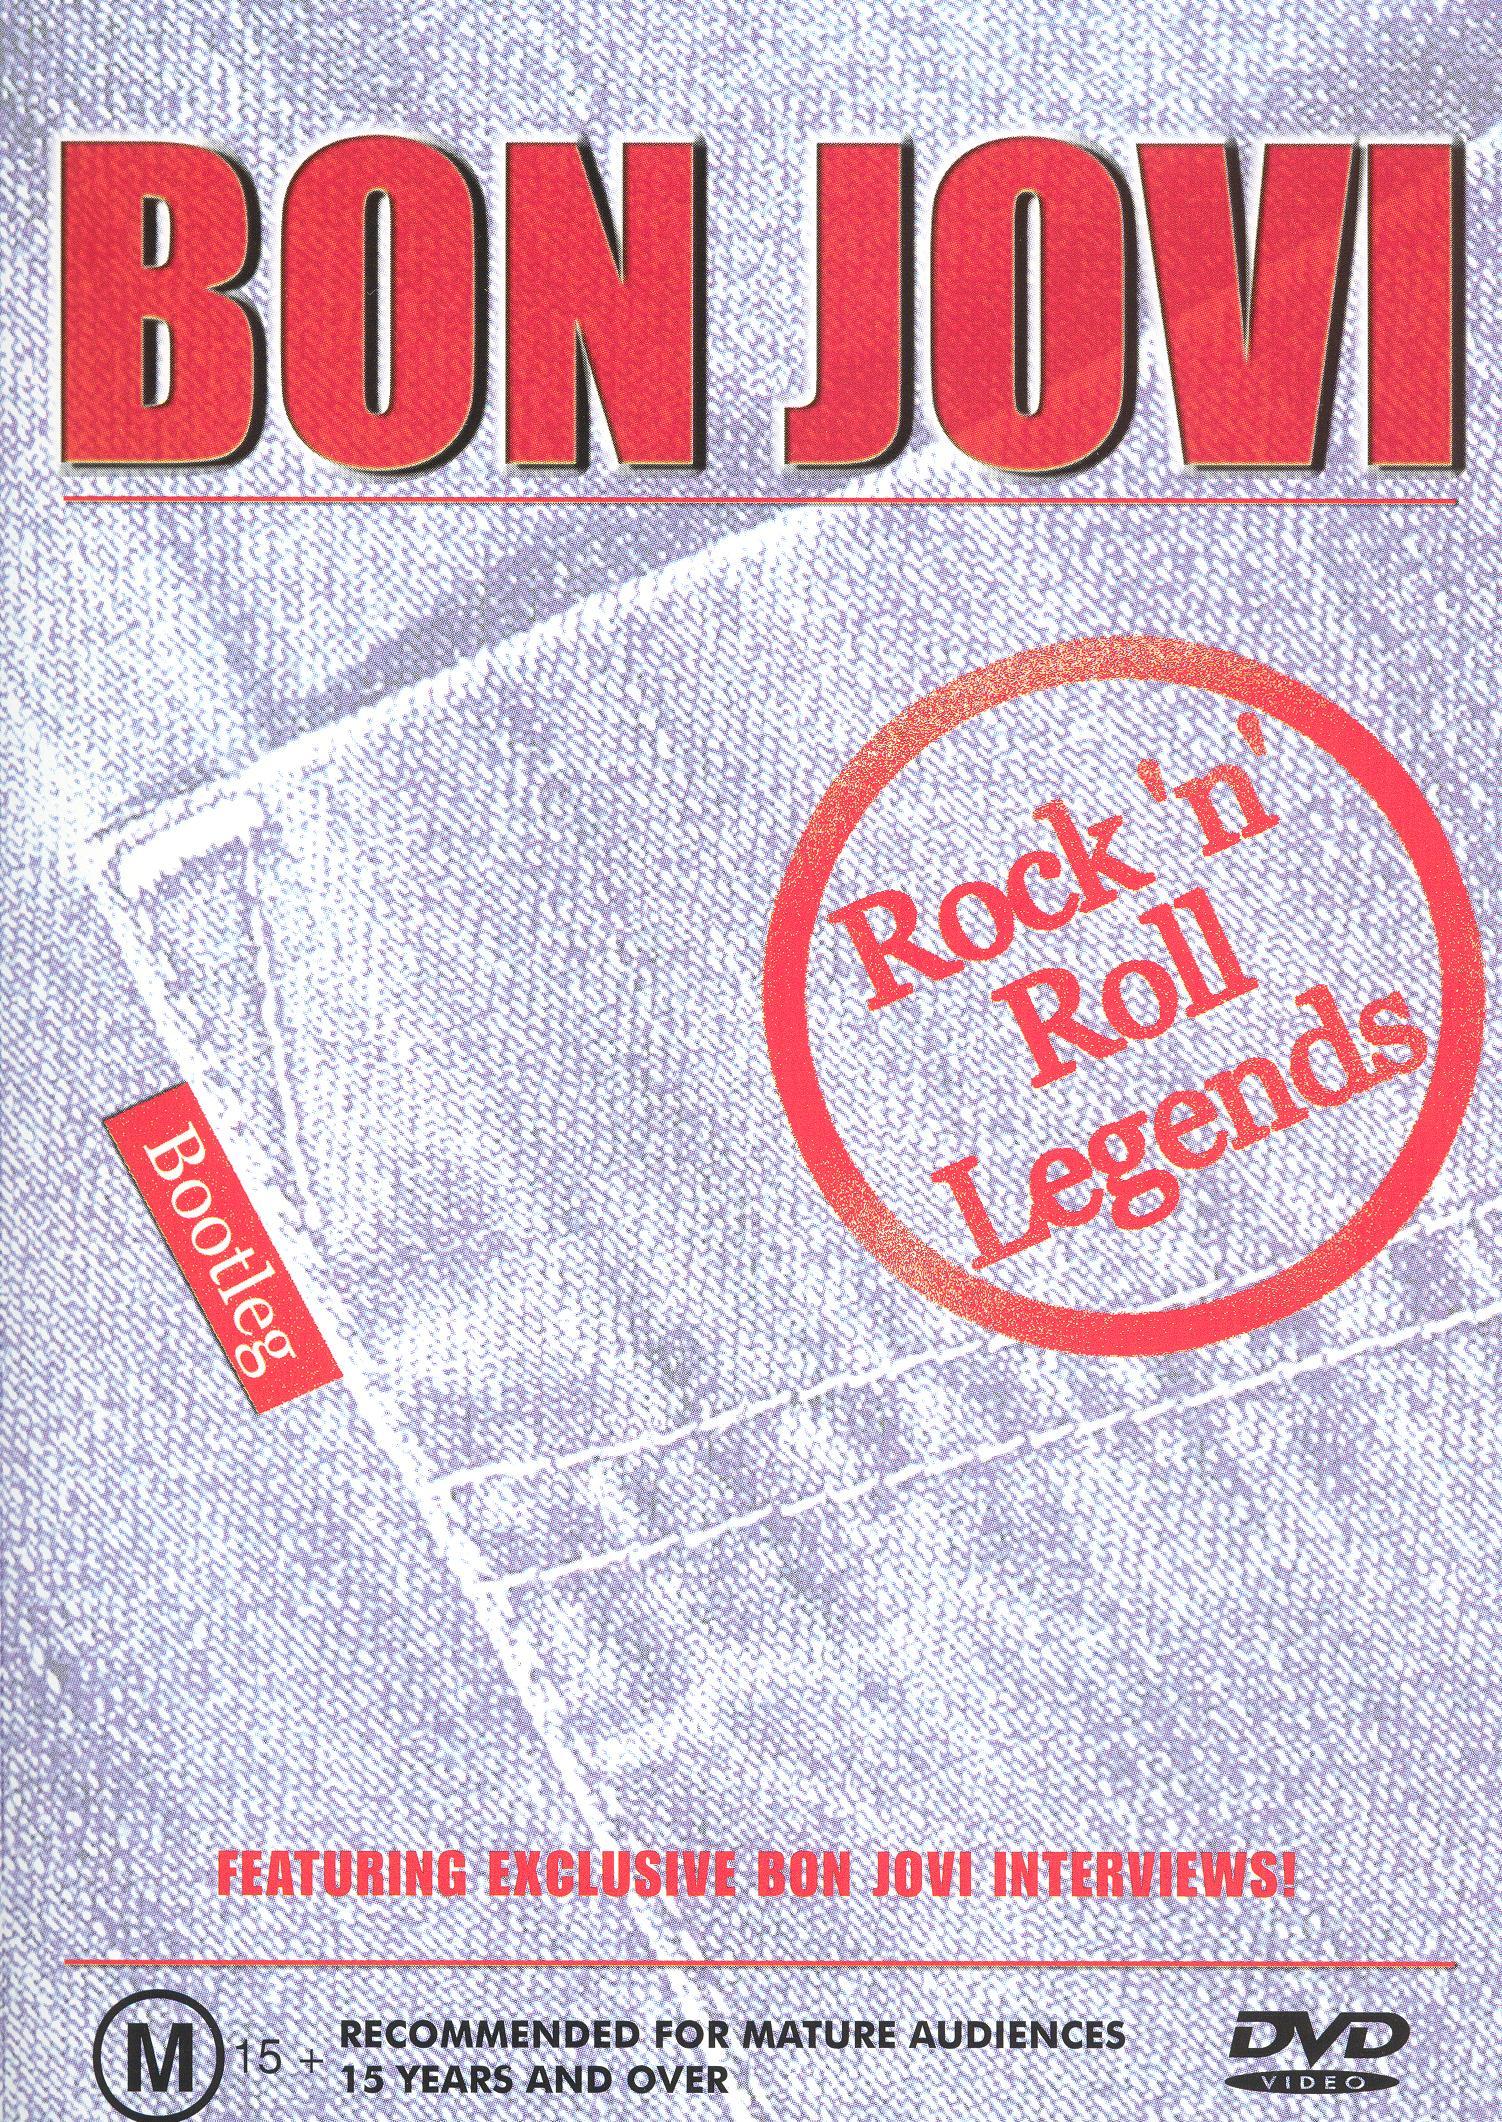 Rock 'N' Roll Legends: Bon Jovi